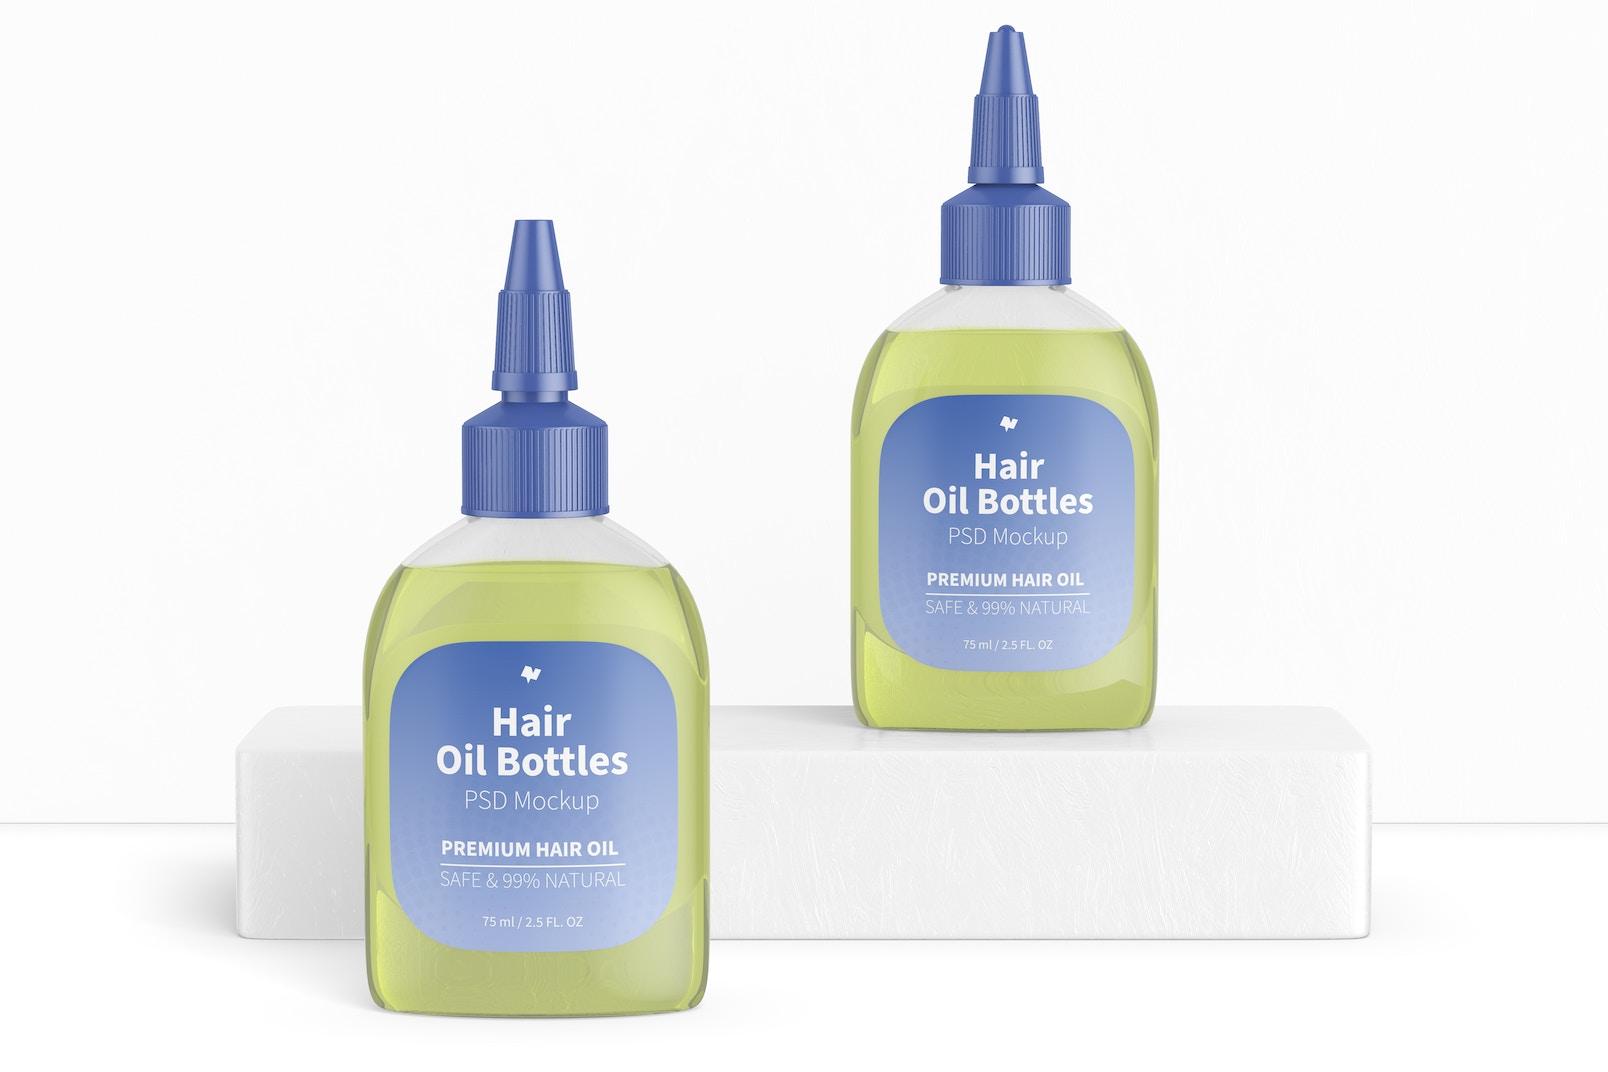 Hair Oil Bottles Mockup